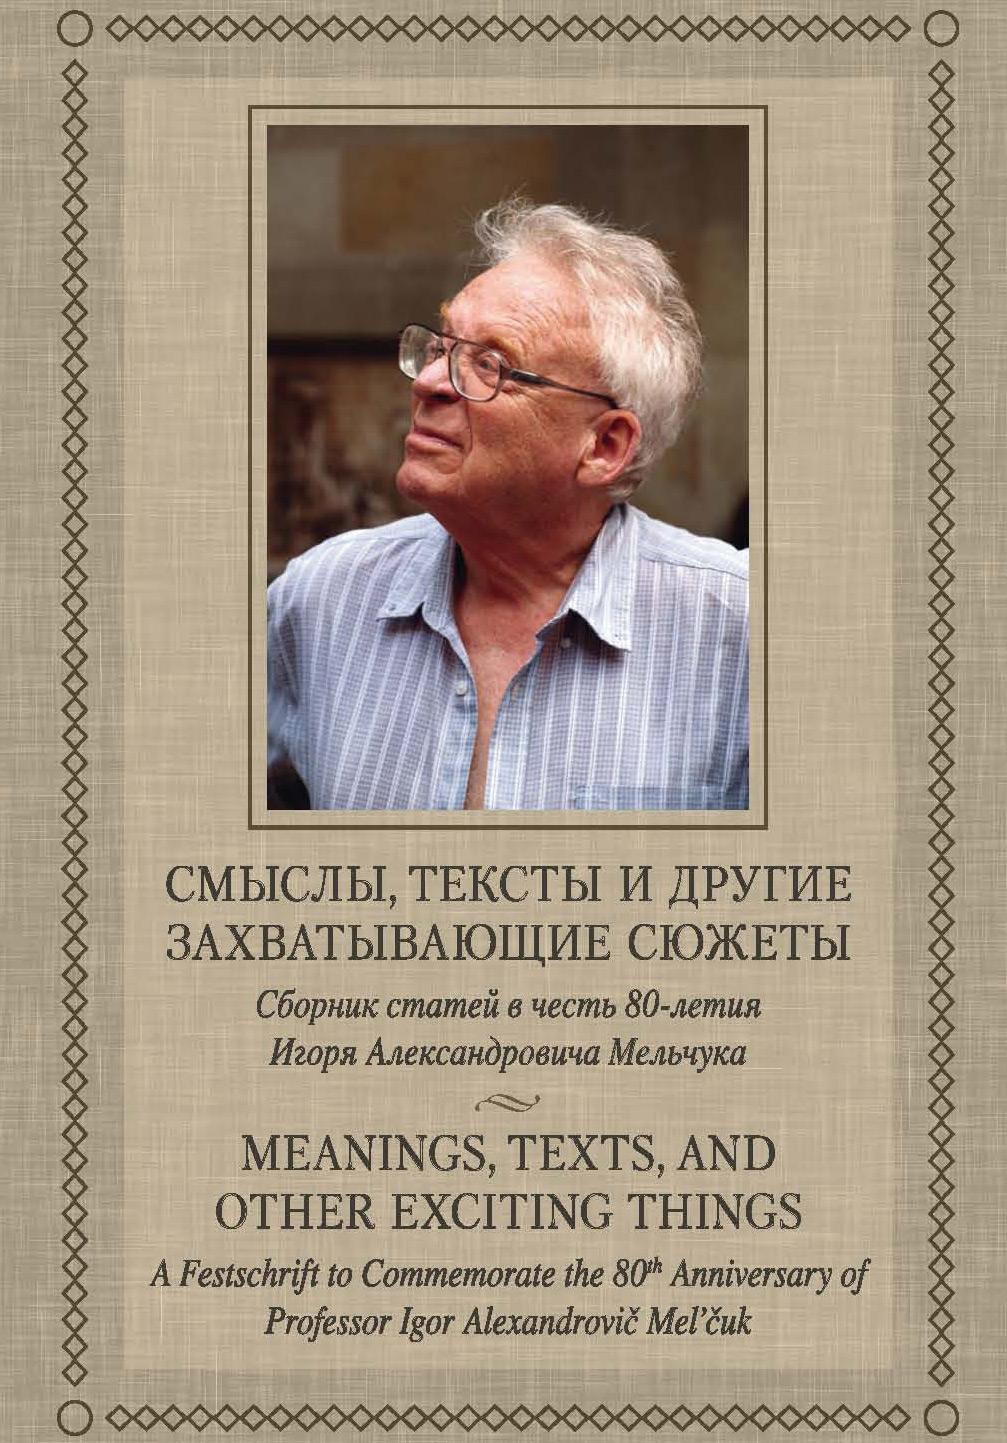 Смыслы, тексты и другие захватывающие сюжеты: Сборник статей в честь 80-летия Игоря Александровича Мельчука